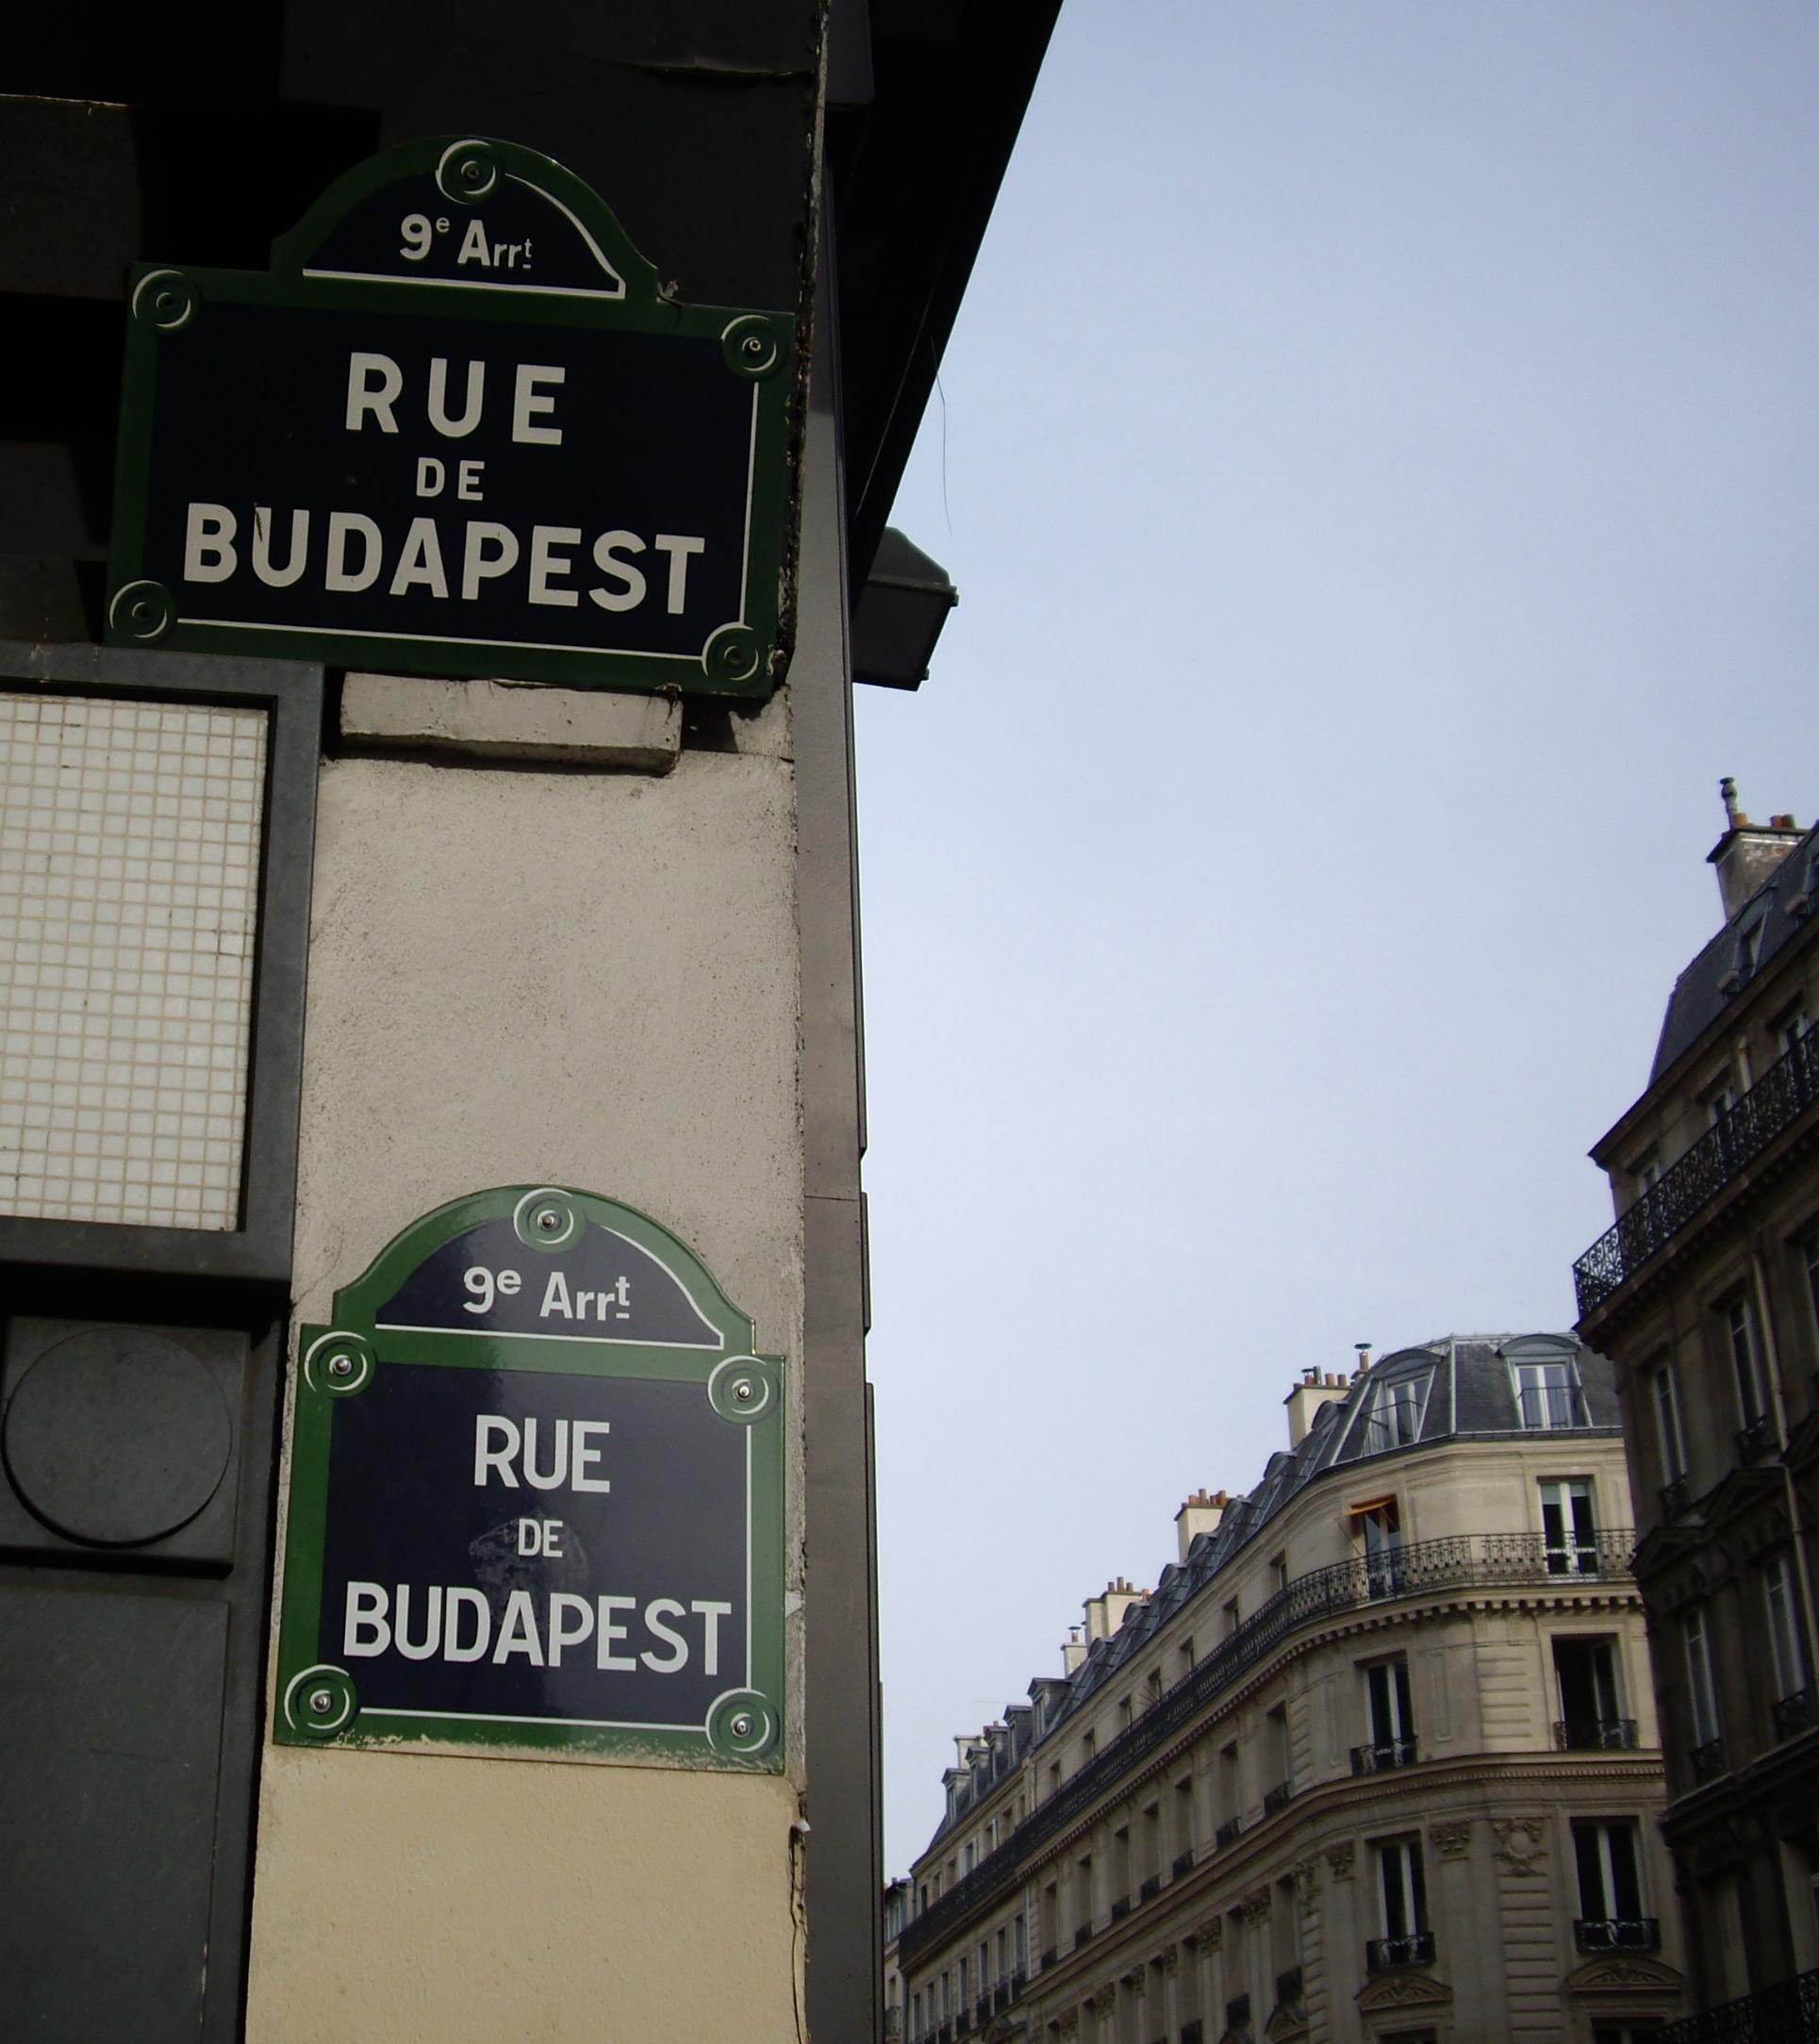 Appel à candidature pour des artistes parisiens